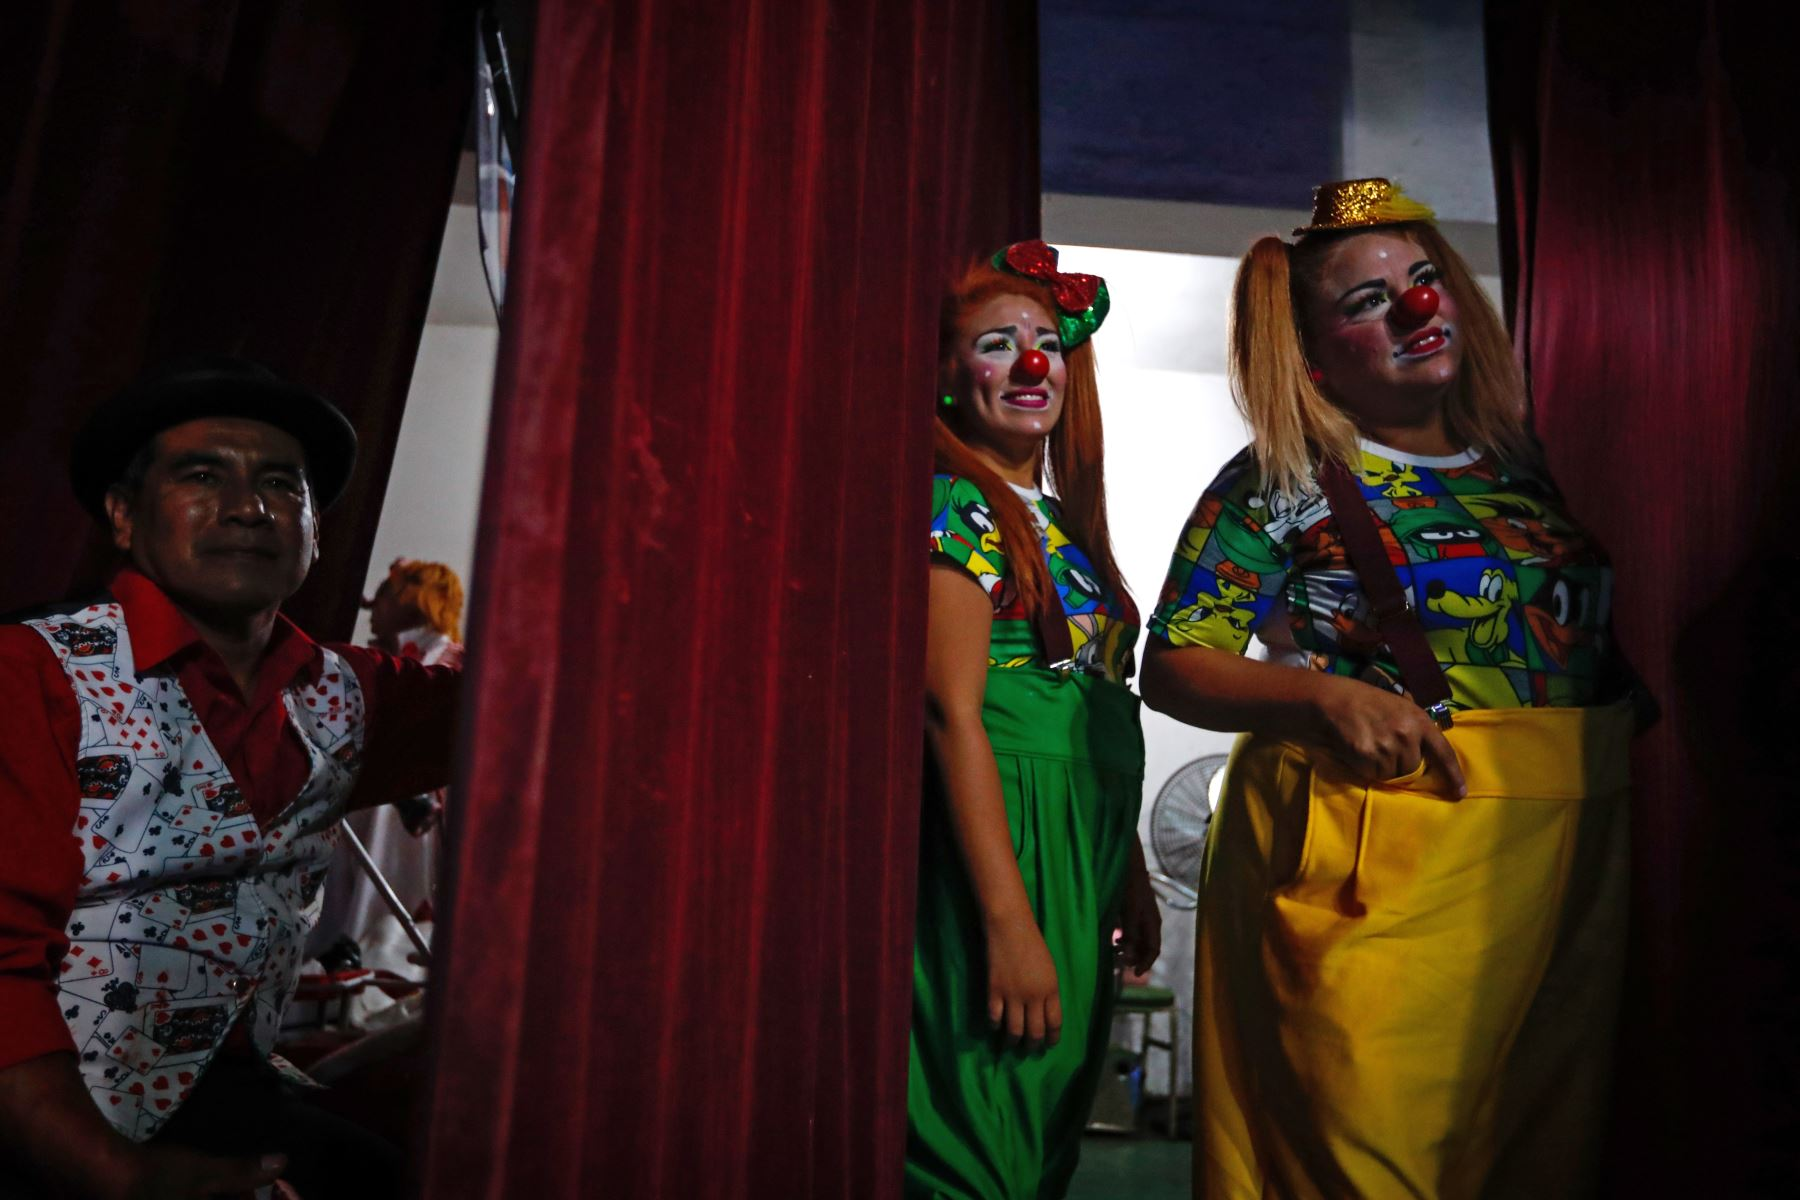 """El mago """"Tarbilly"""", las payasas """"Vaichy"""" y """"Ginger"""" durante el homenaje a Ricardo Farfán, conocido en el ambiente artístico como el payaso """"Pitito"""" por sus 96 años. Foto: ANDINA/Carlos Lezama"""